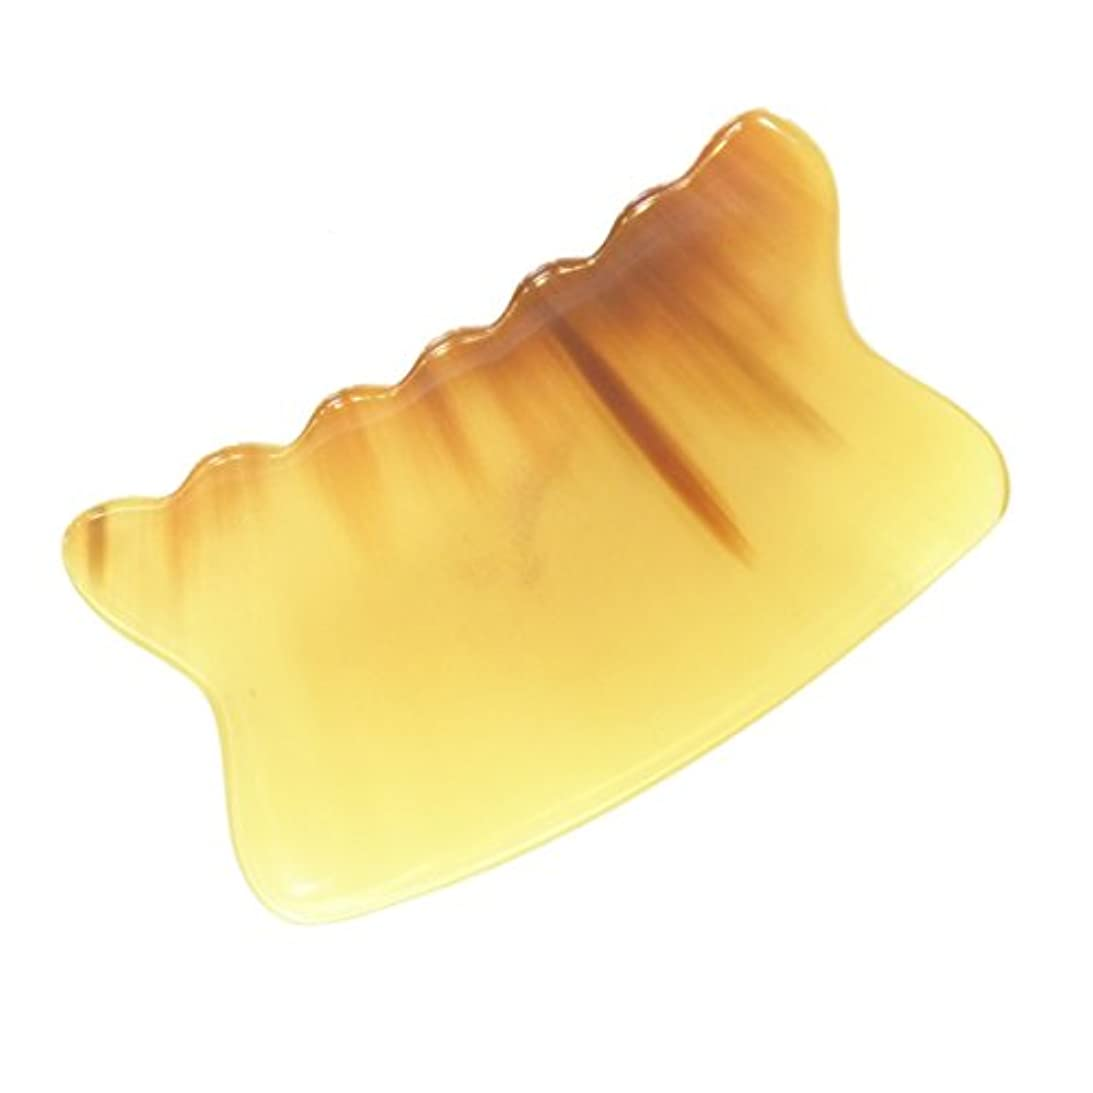 首謀者指招待かっさ プレート 厚さが選べる 水牛の角(黄水牛角) EHE226SP 曲波型 特級品 厚め(6ミリ程度)